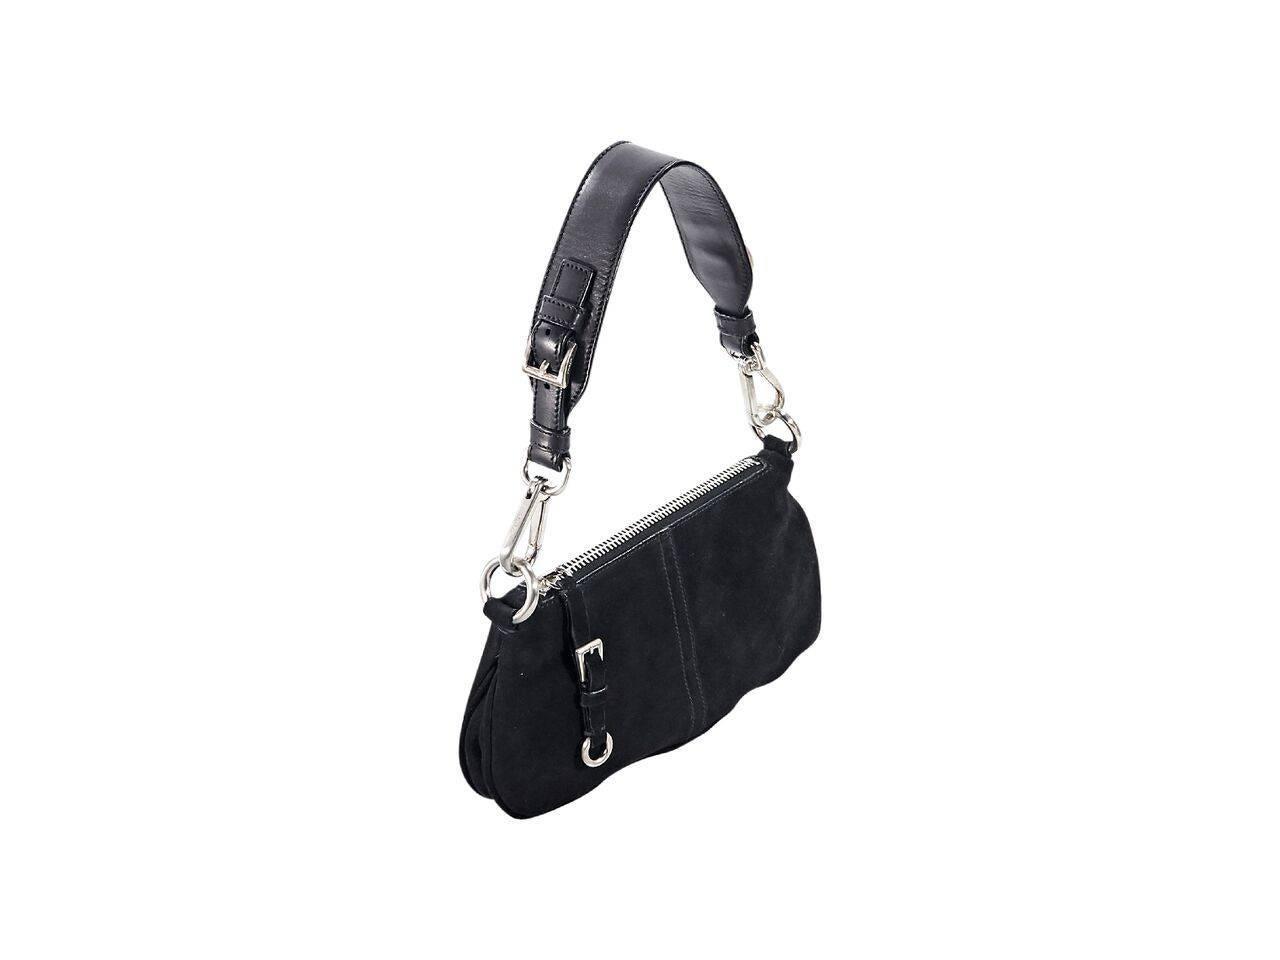 f985c1dcbd3f Black Prada Suede Small Shoulder Bag For Sale at 1stdibs